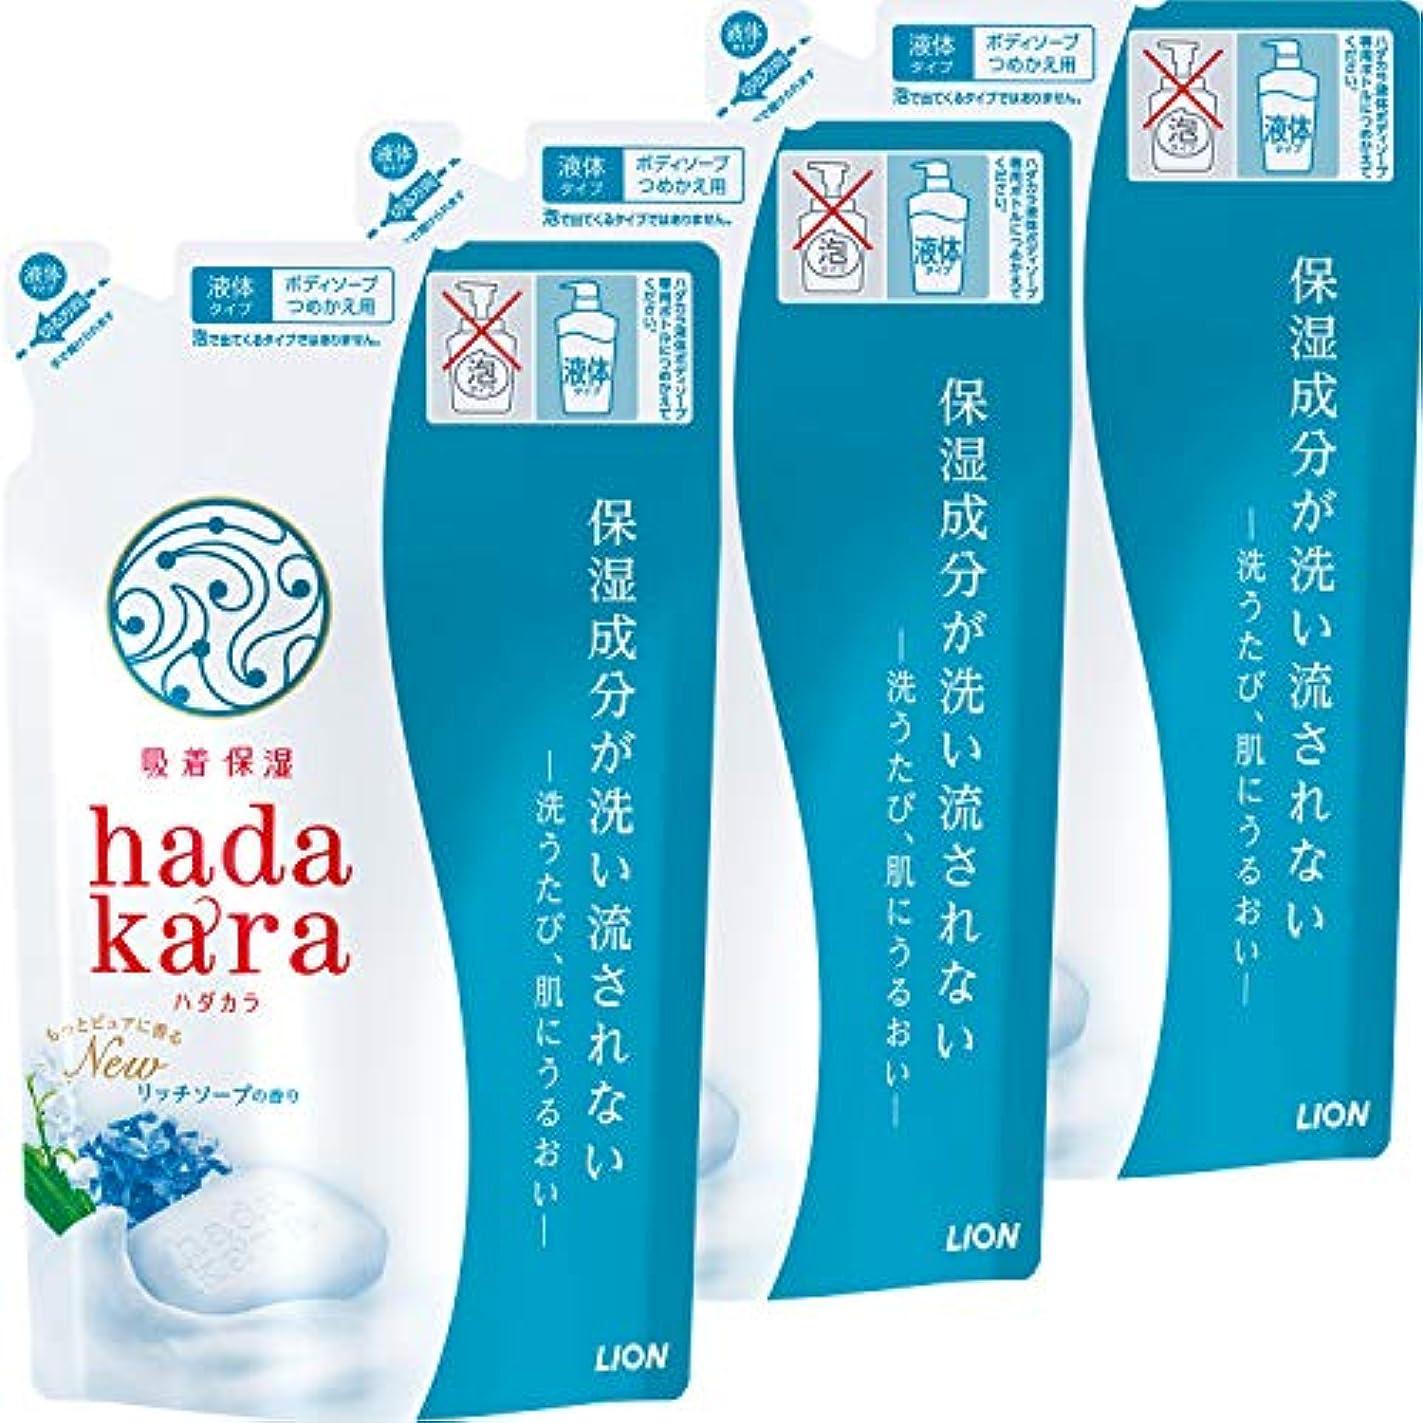 ブランチ打ち負かすテザー【まとめ買い】hadakara(ハダカラ) ボディソープ リッチソープの香り つめかえ用 360ml×3個